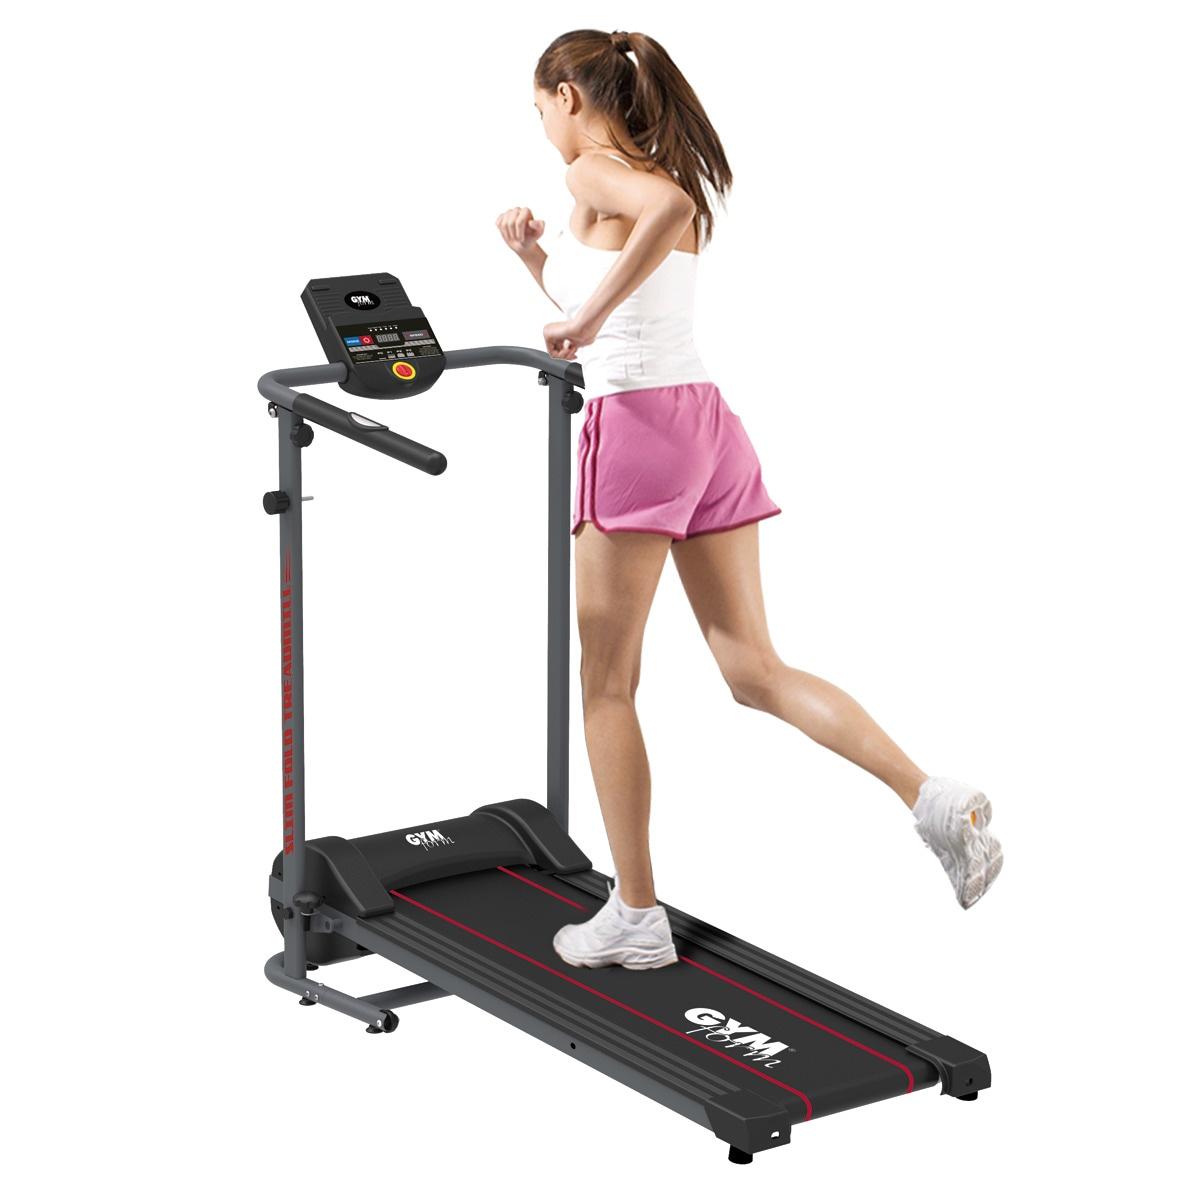 Gymform Slim Cinta de correr plegable